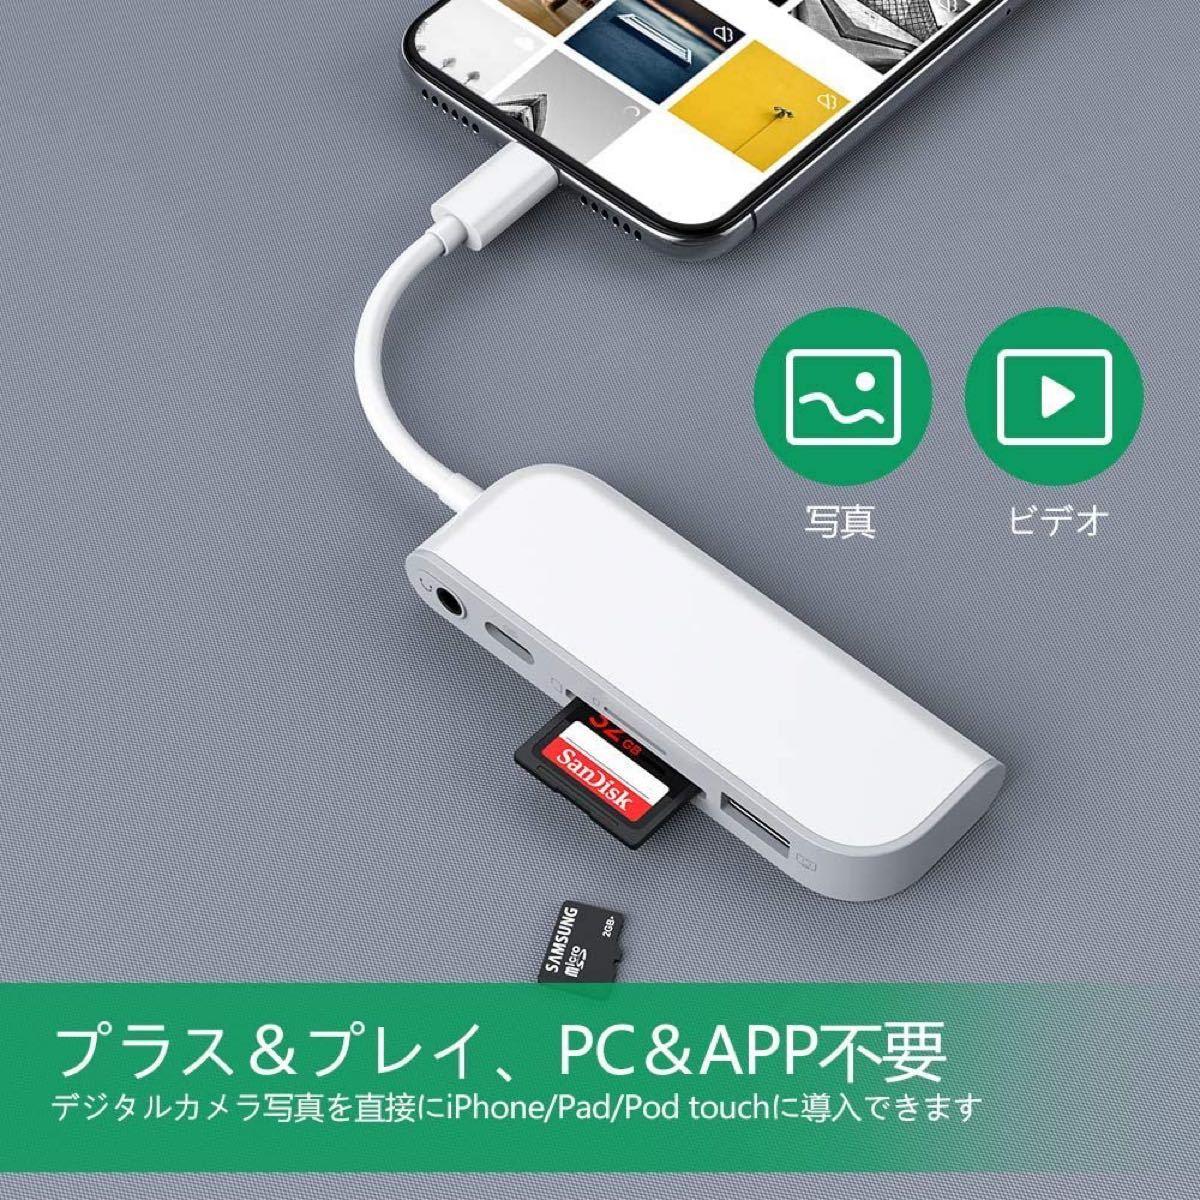 SDカードリーダー iPhon 5in1 メモリーカードリーダー 最新 iOS14 iPhon対応 データ転送 イヤホン